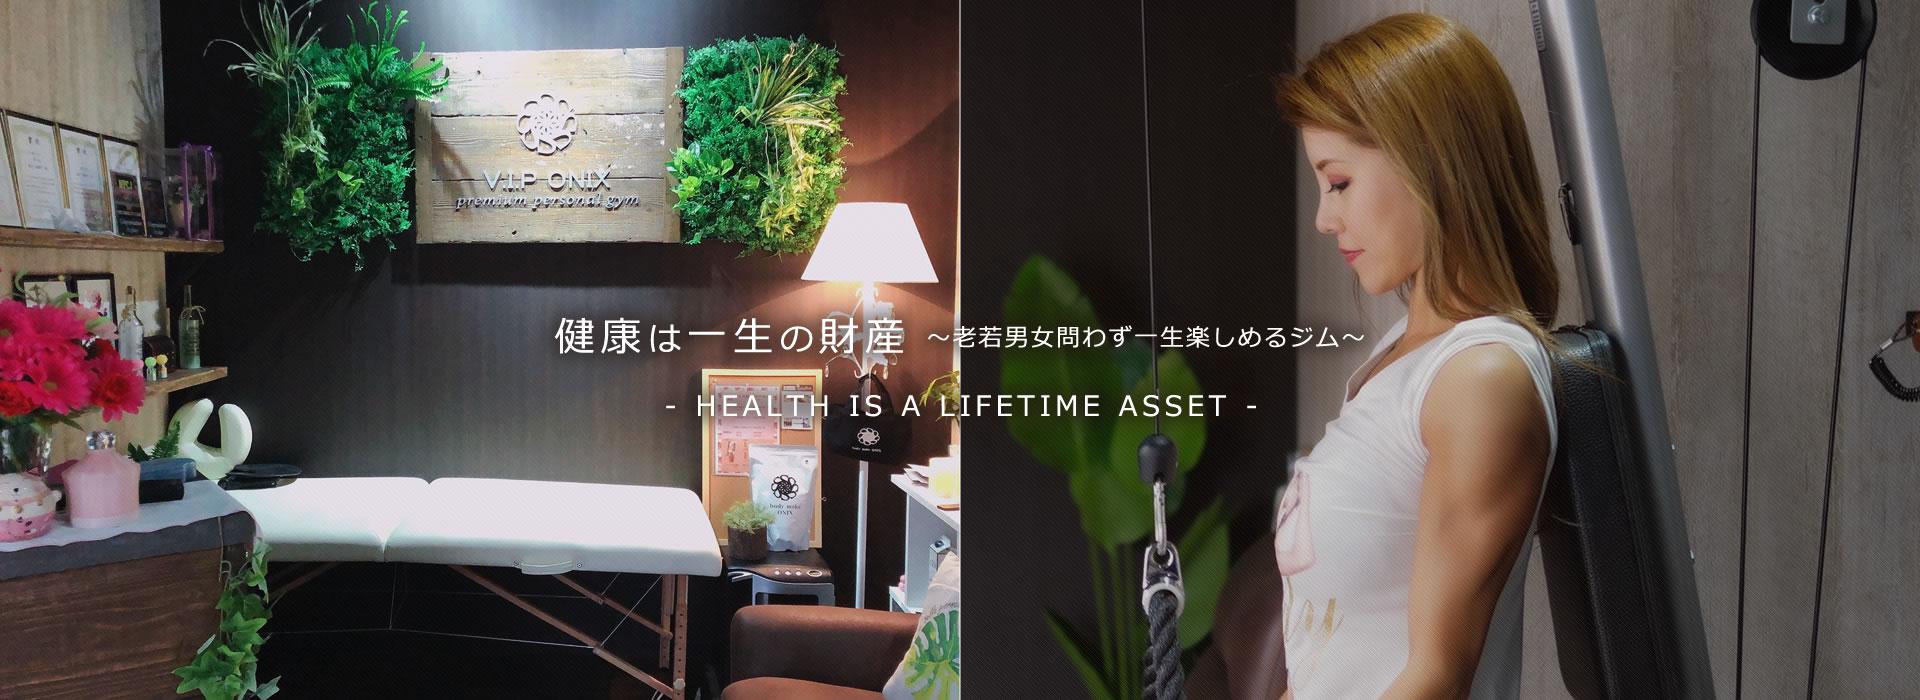 健康は一生の財産~老若男女問わず一生楽しめるジム~